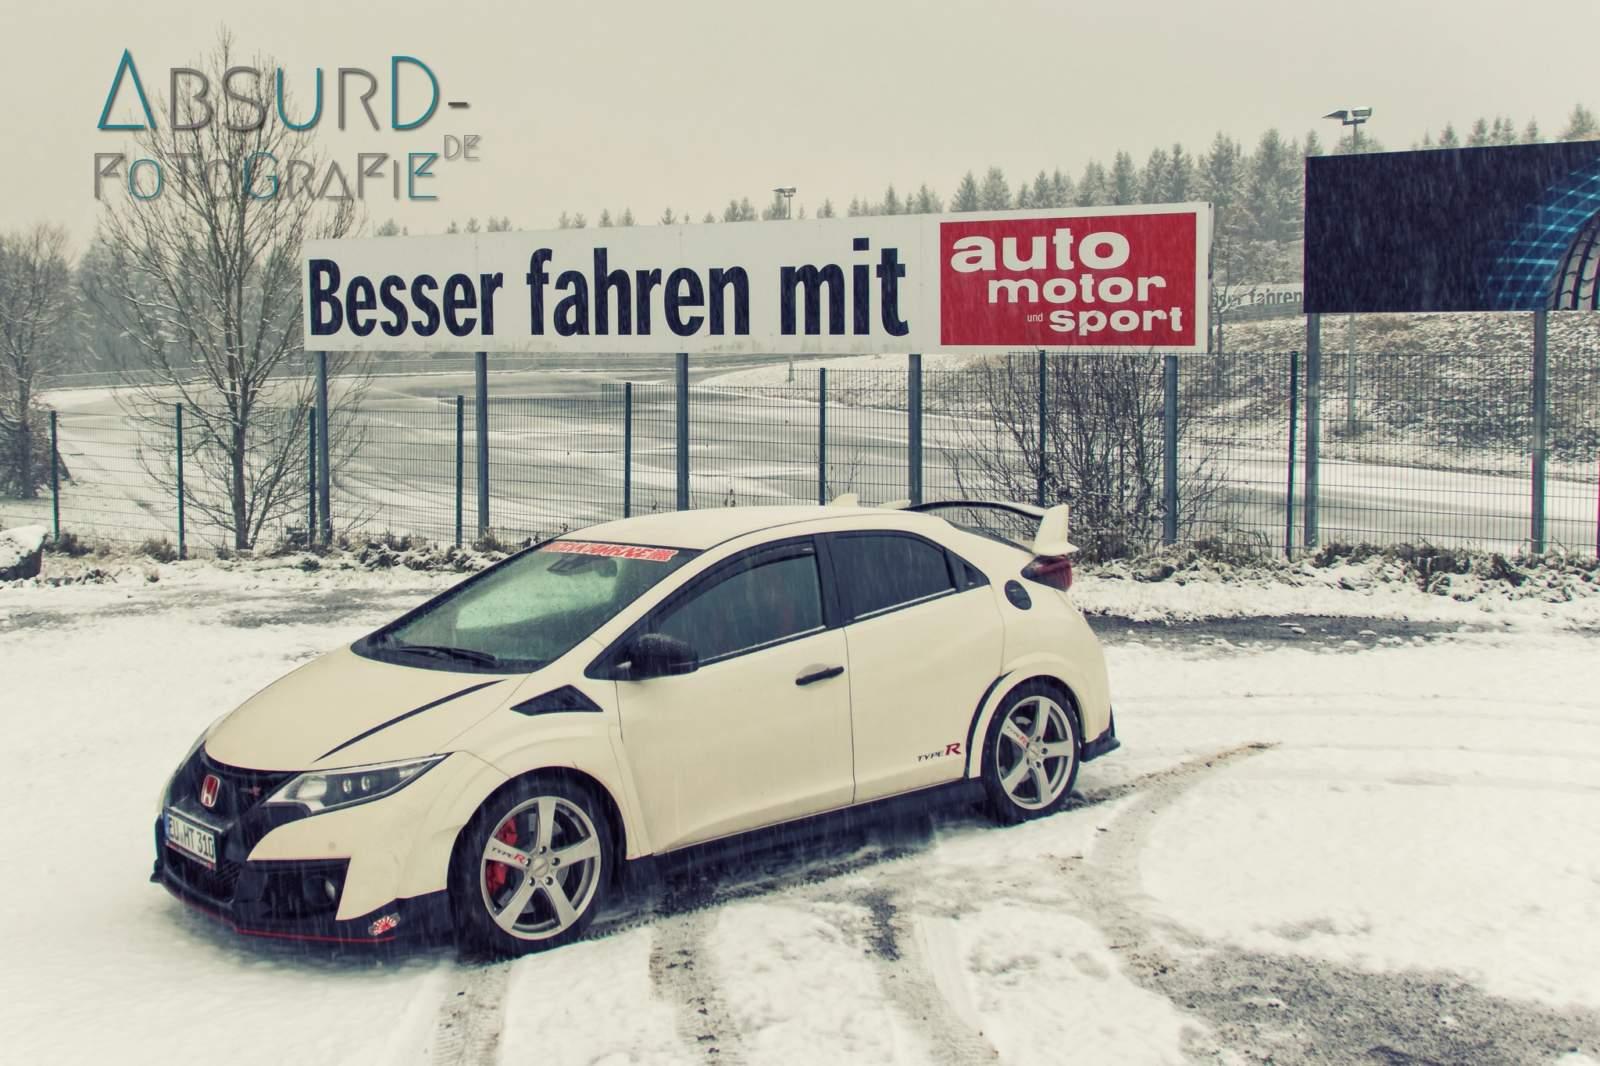 honda-civic-typer-fkr-nuerburgring-schnee - DSC09090uraw_tn.jpg